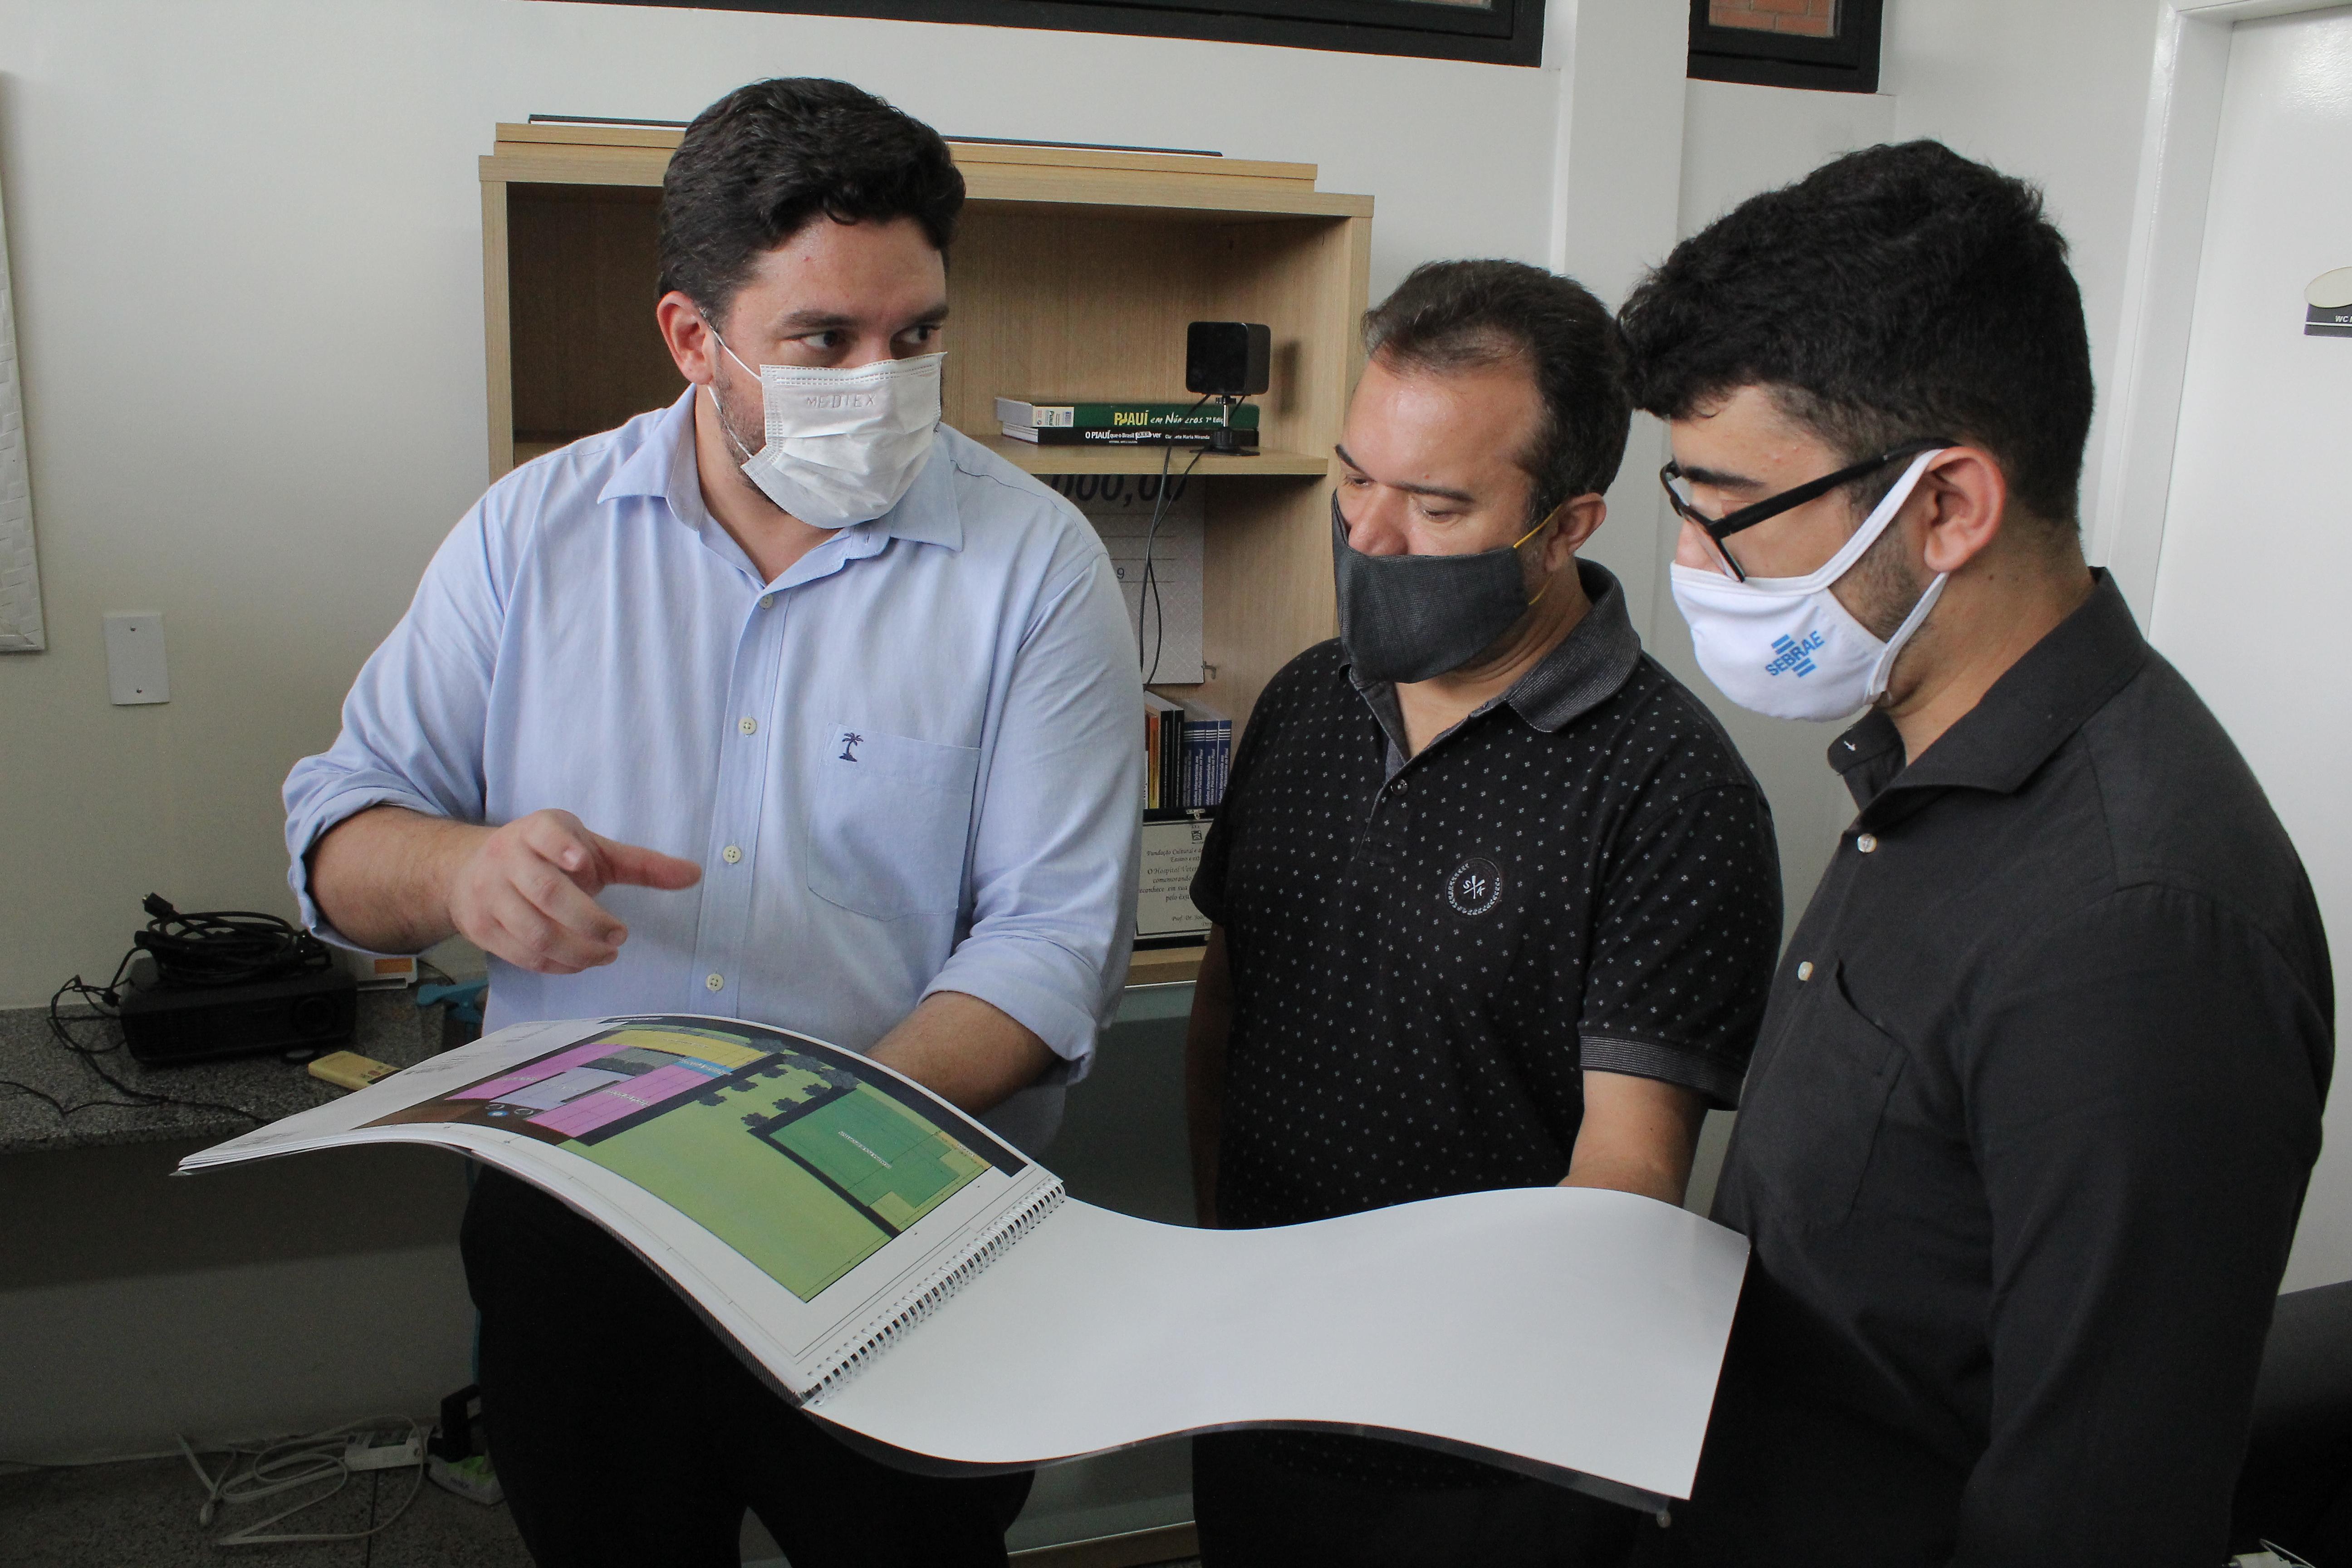 O projeto de pesquisa teve início no dia 17 de dezembro de 2020 e visa fazer o diagnóstico estrutural de 418 unidades escolares do Piauí